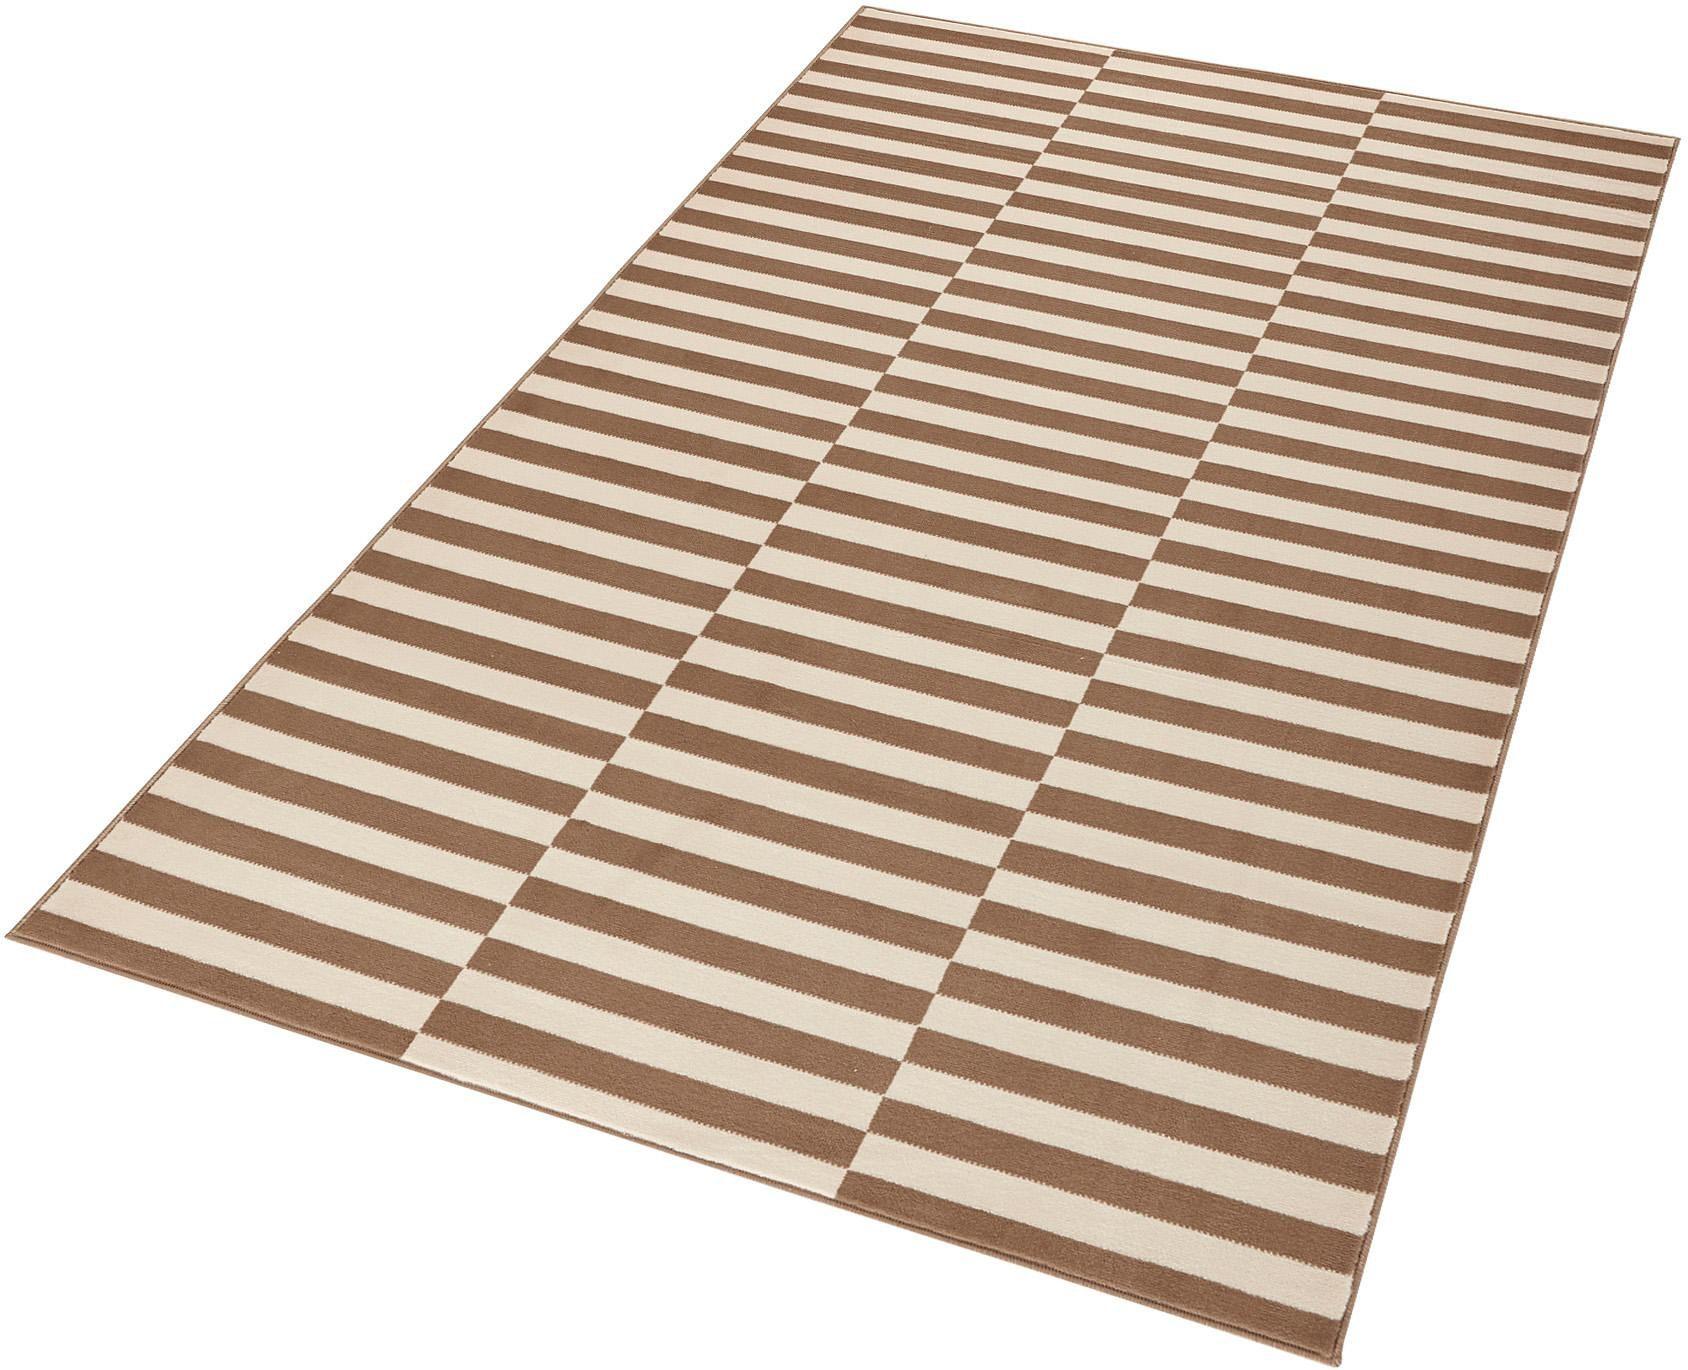 Teppich Panel HANSE Home rechteckig Höhe 9 mm maschinell gewebt